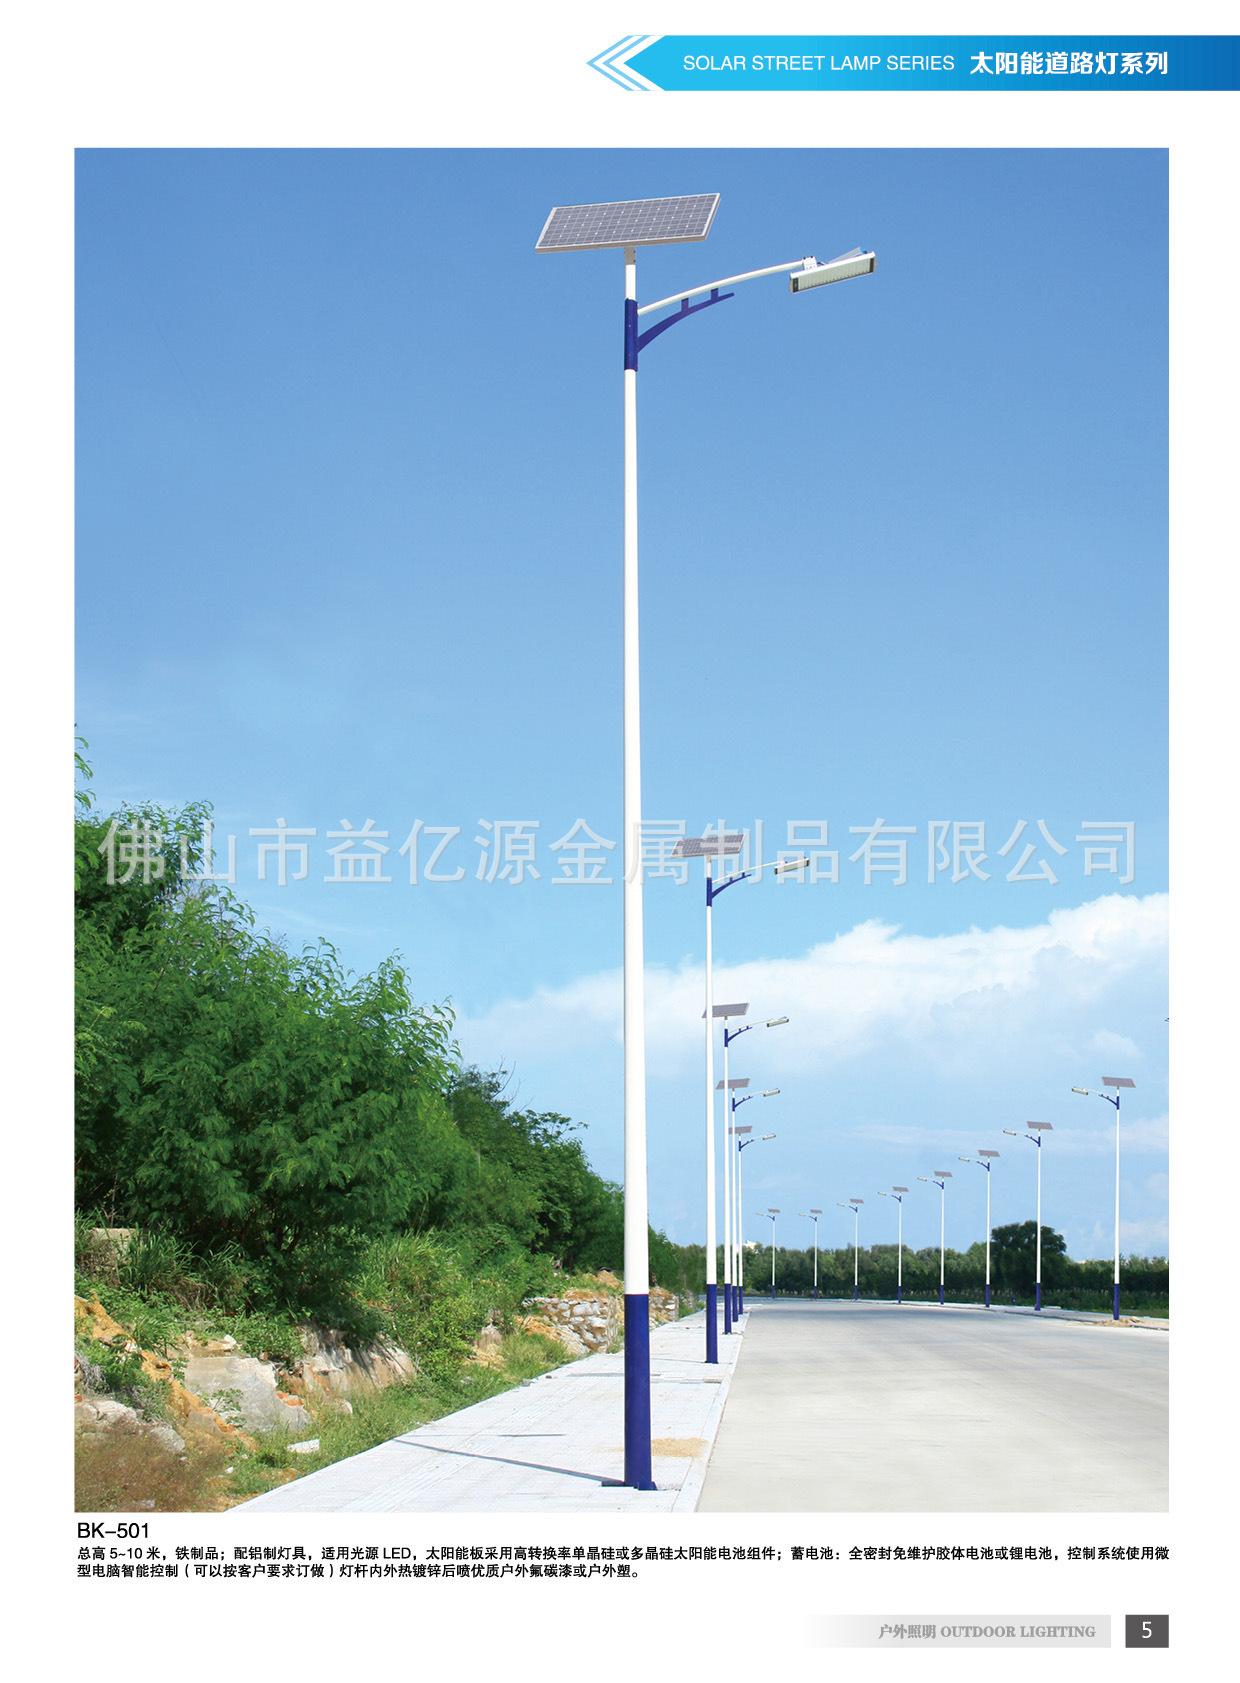 路灯灯杆厂家生产 不锈钢 益亿源金属制品 正规灯杆 机加工